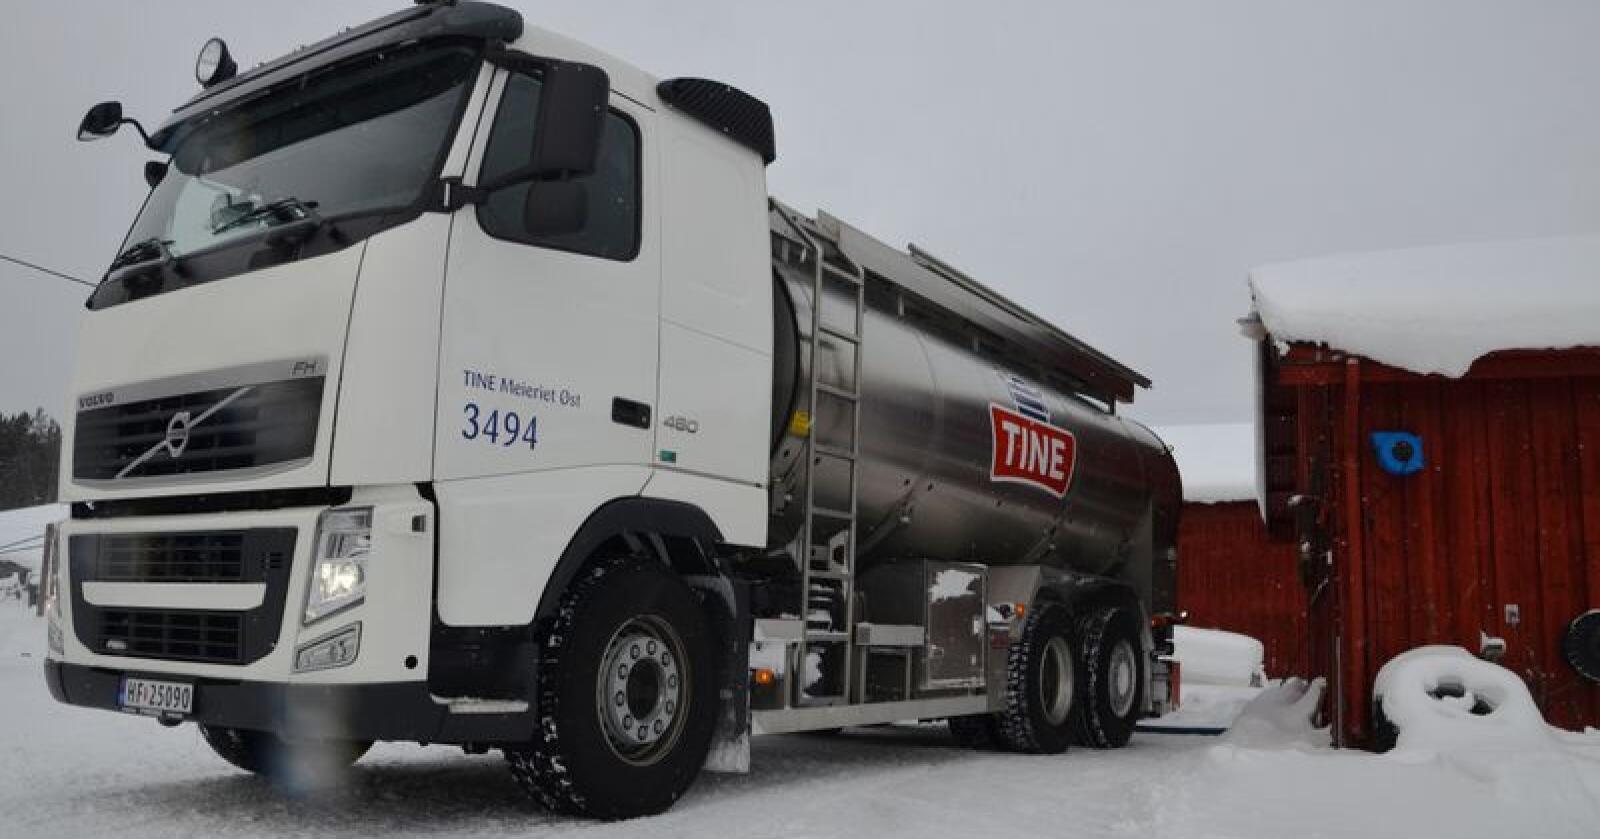 Fra 2016 til 2017 gikk ytelsen ned åtte kilo melk per årsku. Direktør Johnny Ødegård i Tine tror fôrkvaliteten og kvotestørrelsen er årsaker til nedgangen i 2017. (Arkivfoto)